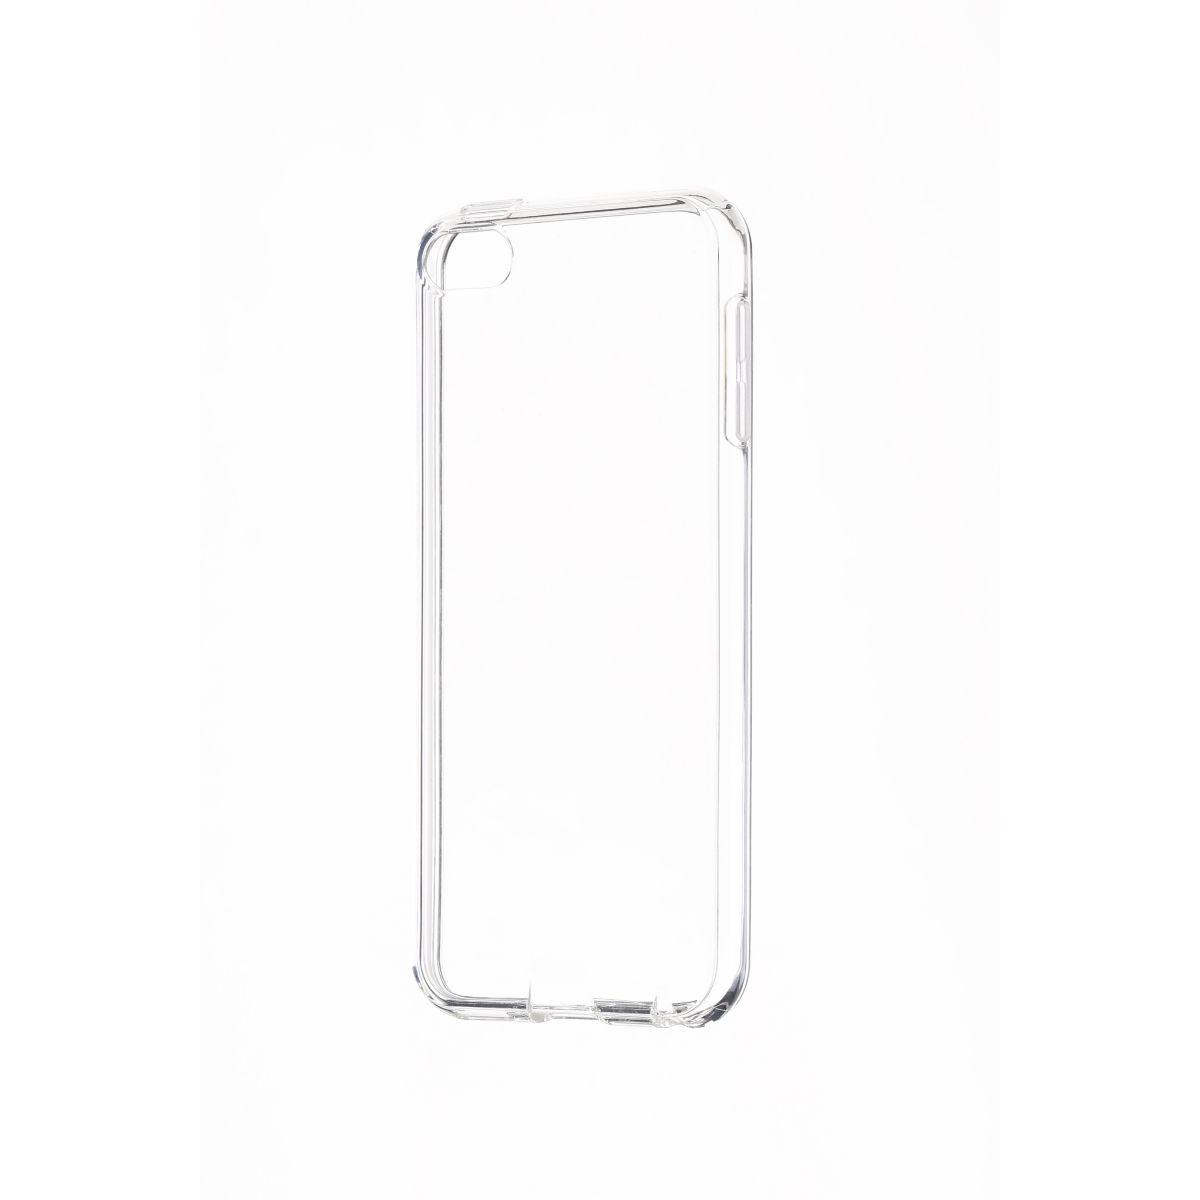 Coque ESSENTIELB Coque transparente Ipod touch V